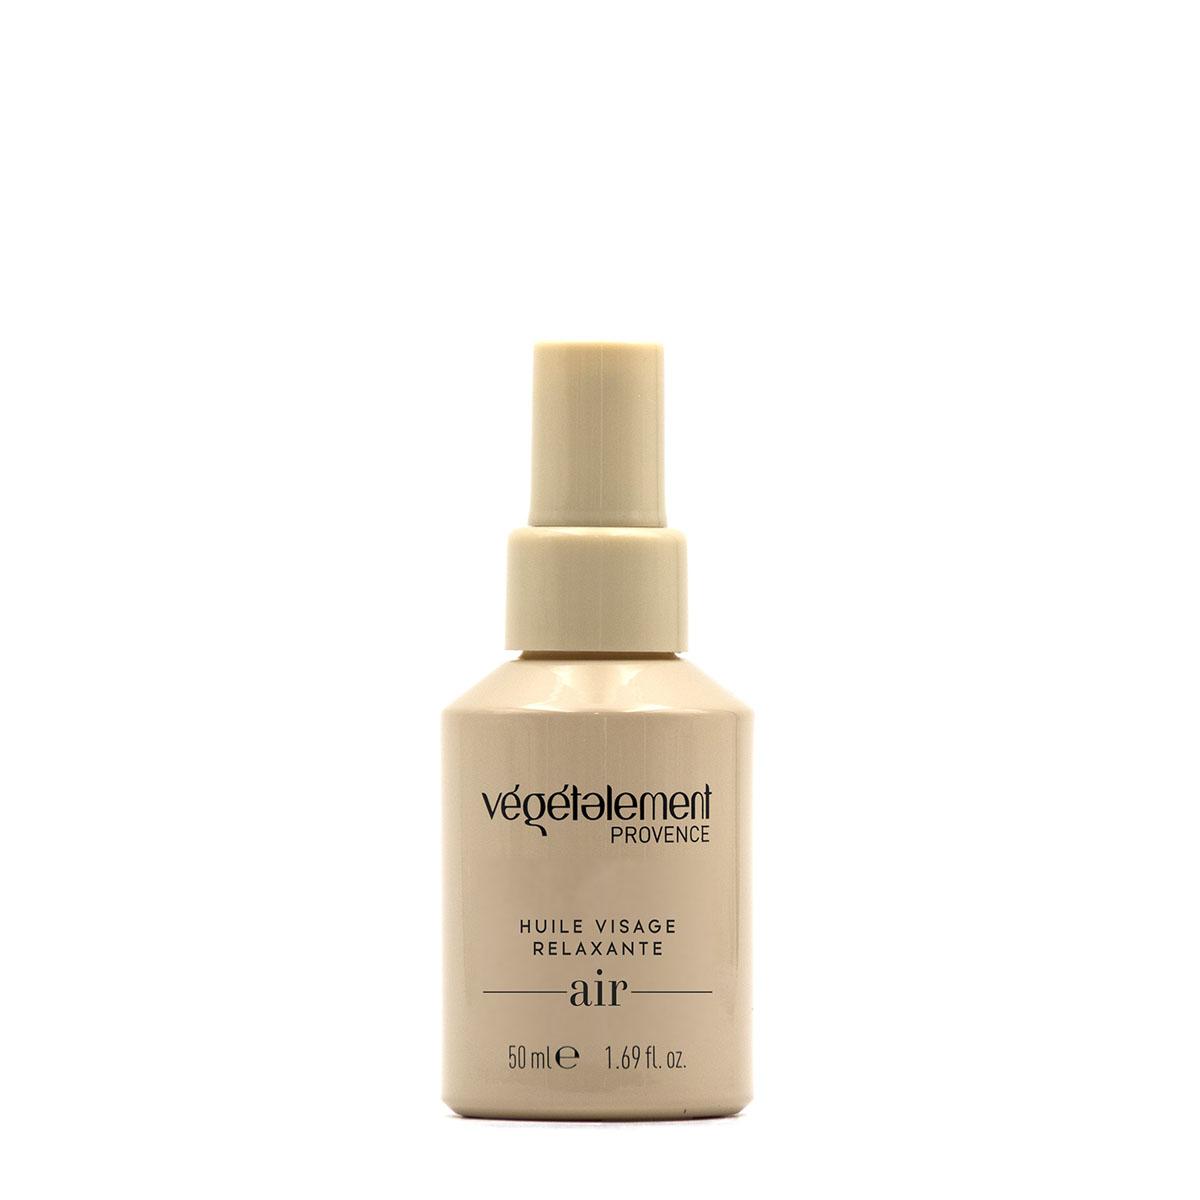 huile visage végétale Végétalement Provence